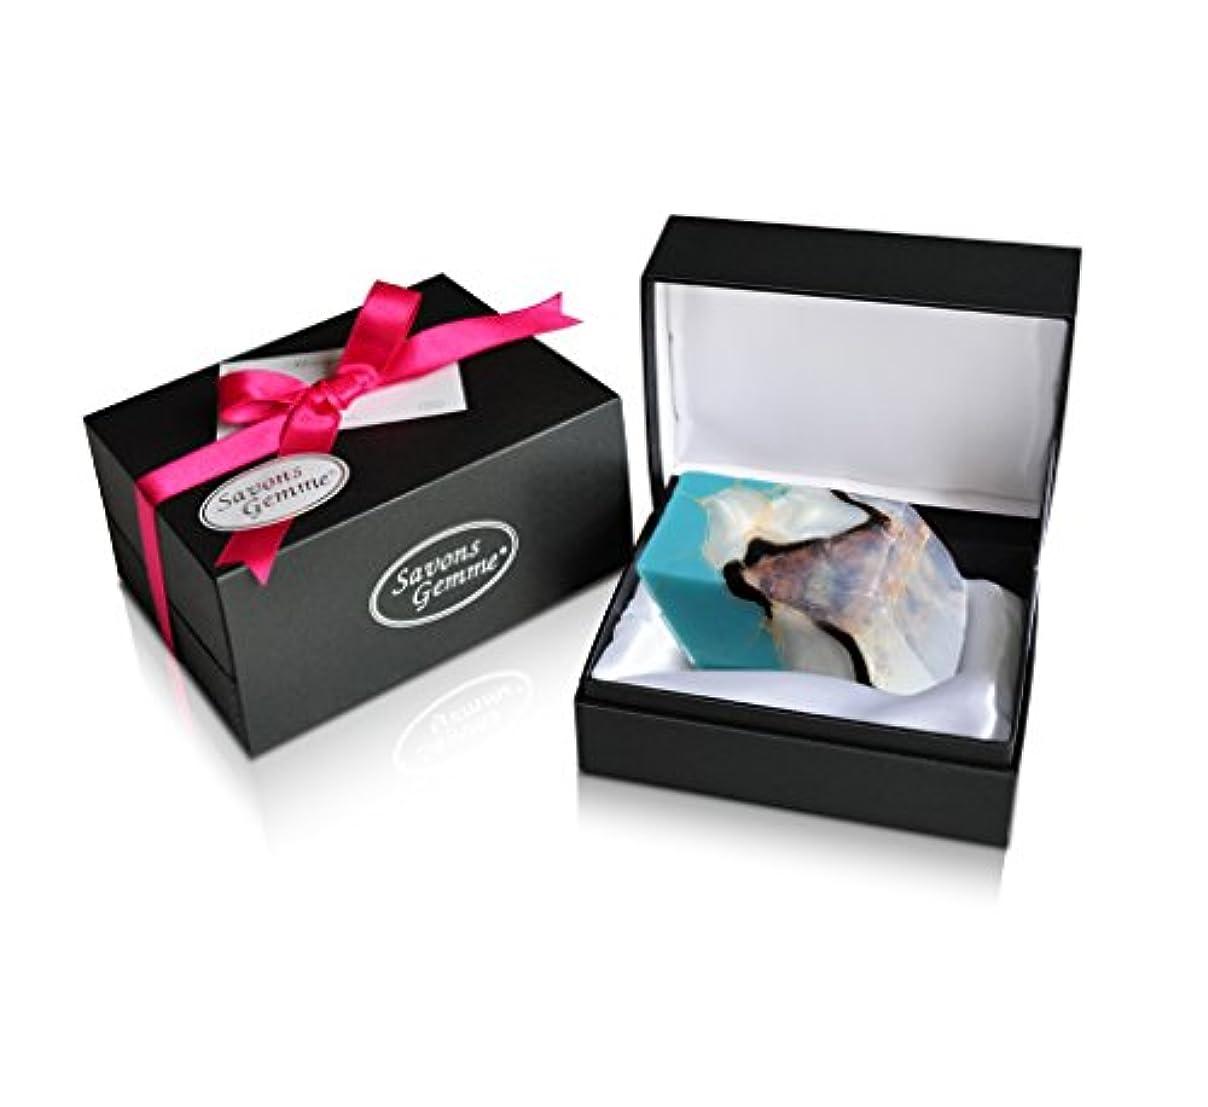 擬人乞食致命的Savons Gemme サボンジェム ジュエリーギフトボックス 世界で一番美しい宝石石鹸 フレグランス ソープ ターコイズ 170g